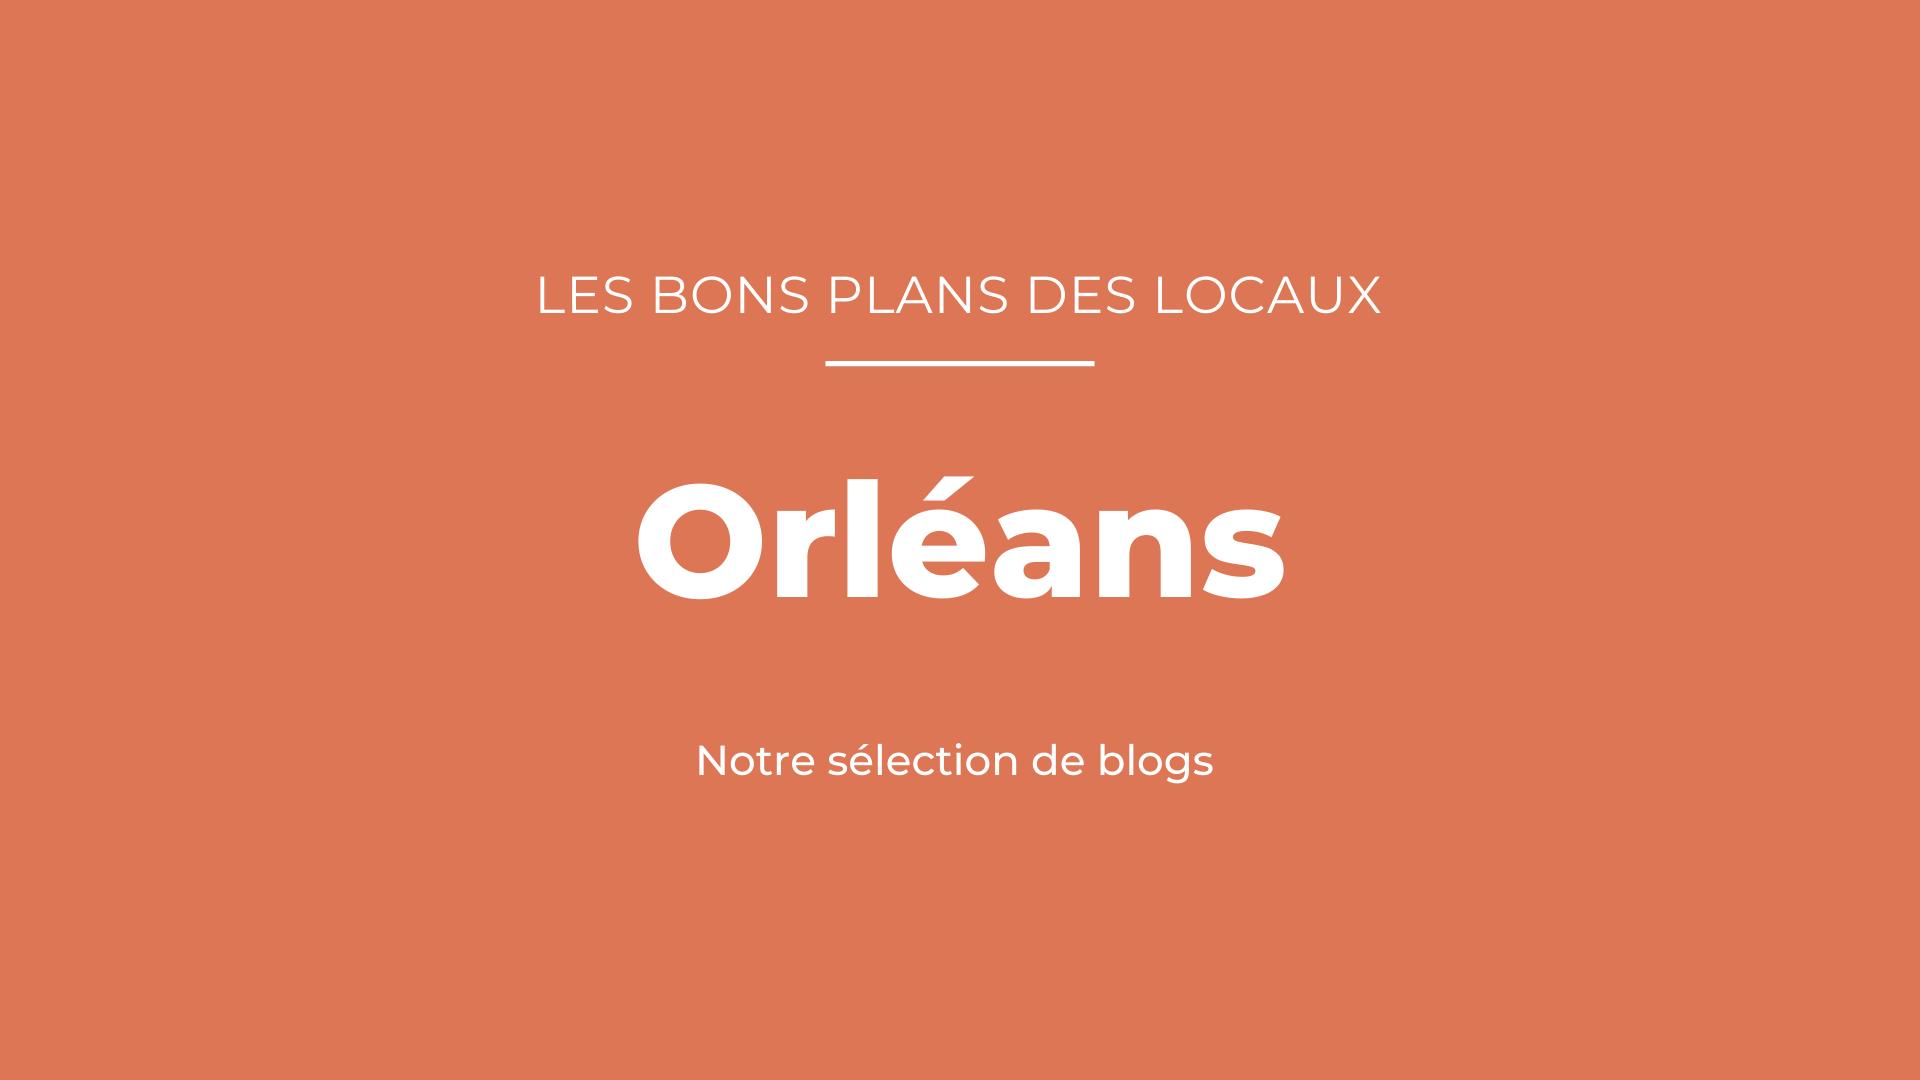 Notre sélection de blogs à Orléans